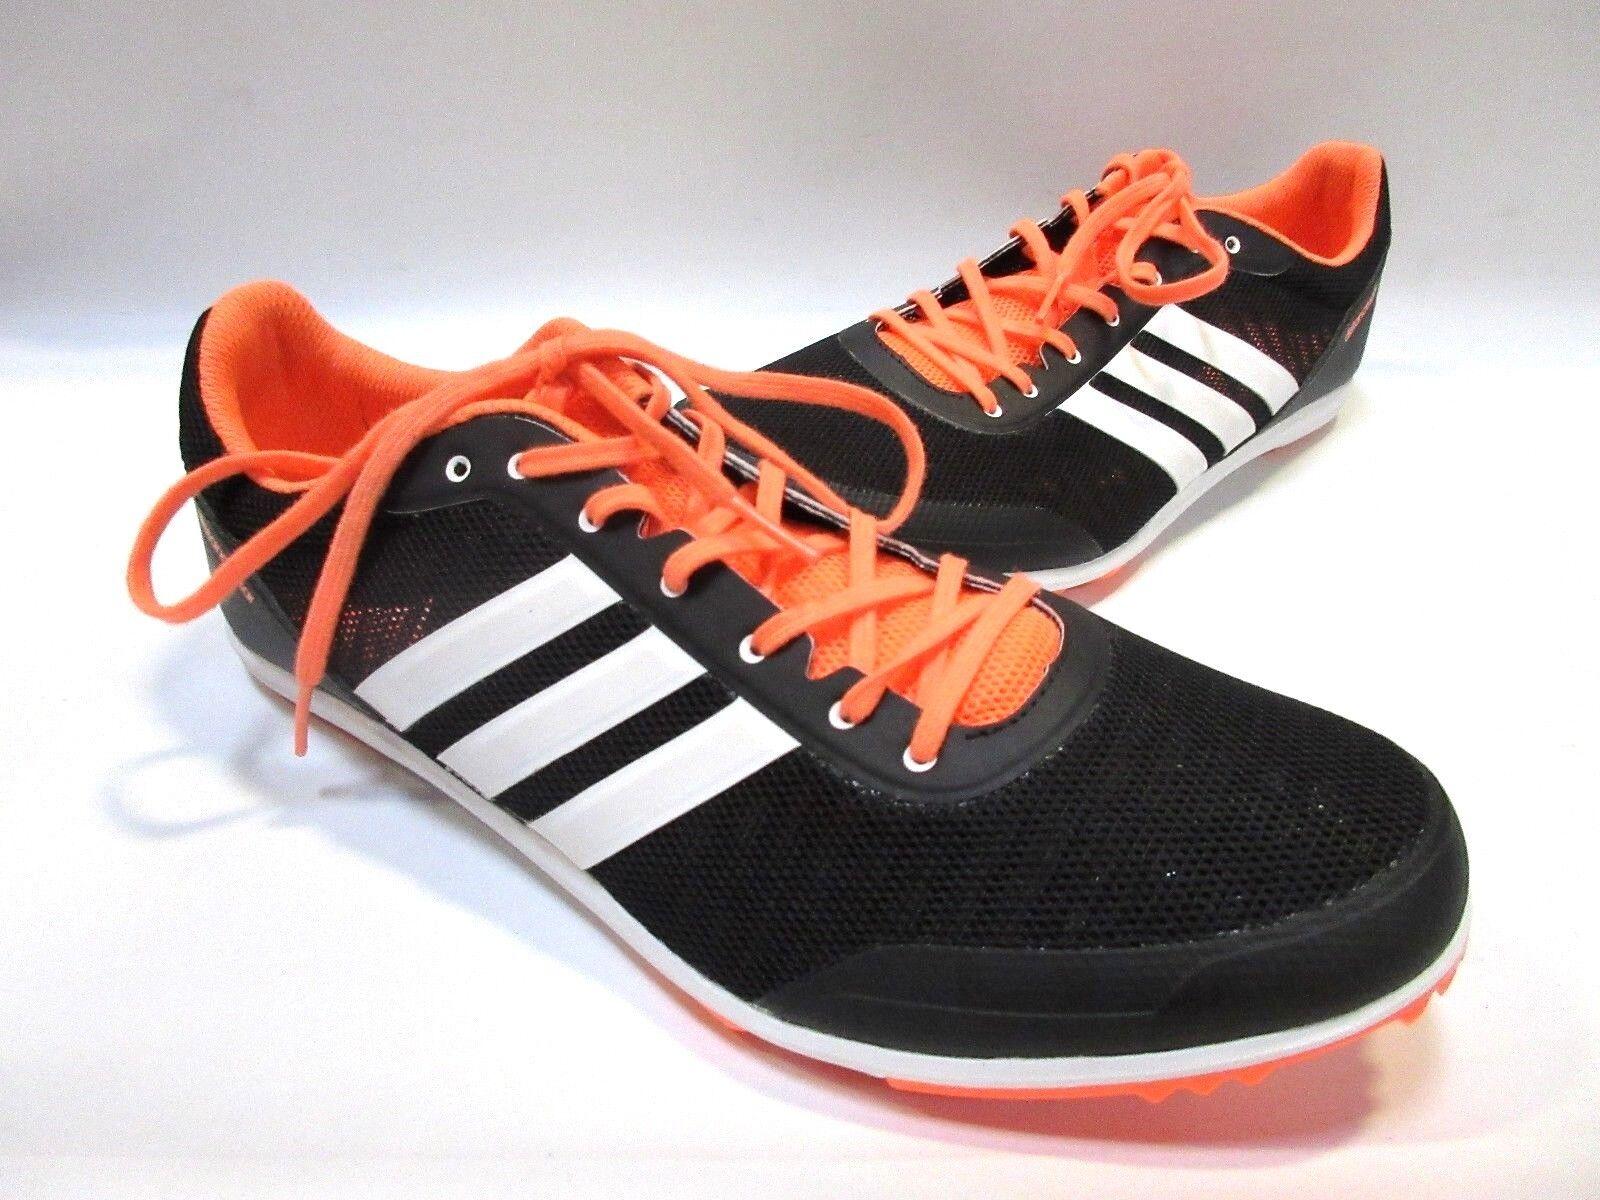 ecf07a8bc13c4 Neu Adidas Herren Distancestar Laufschuhe Schwarz Orange Orange Orange  Größe 10 | Deutschland Outlet 39821c